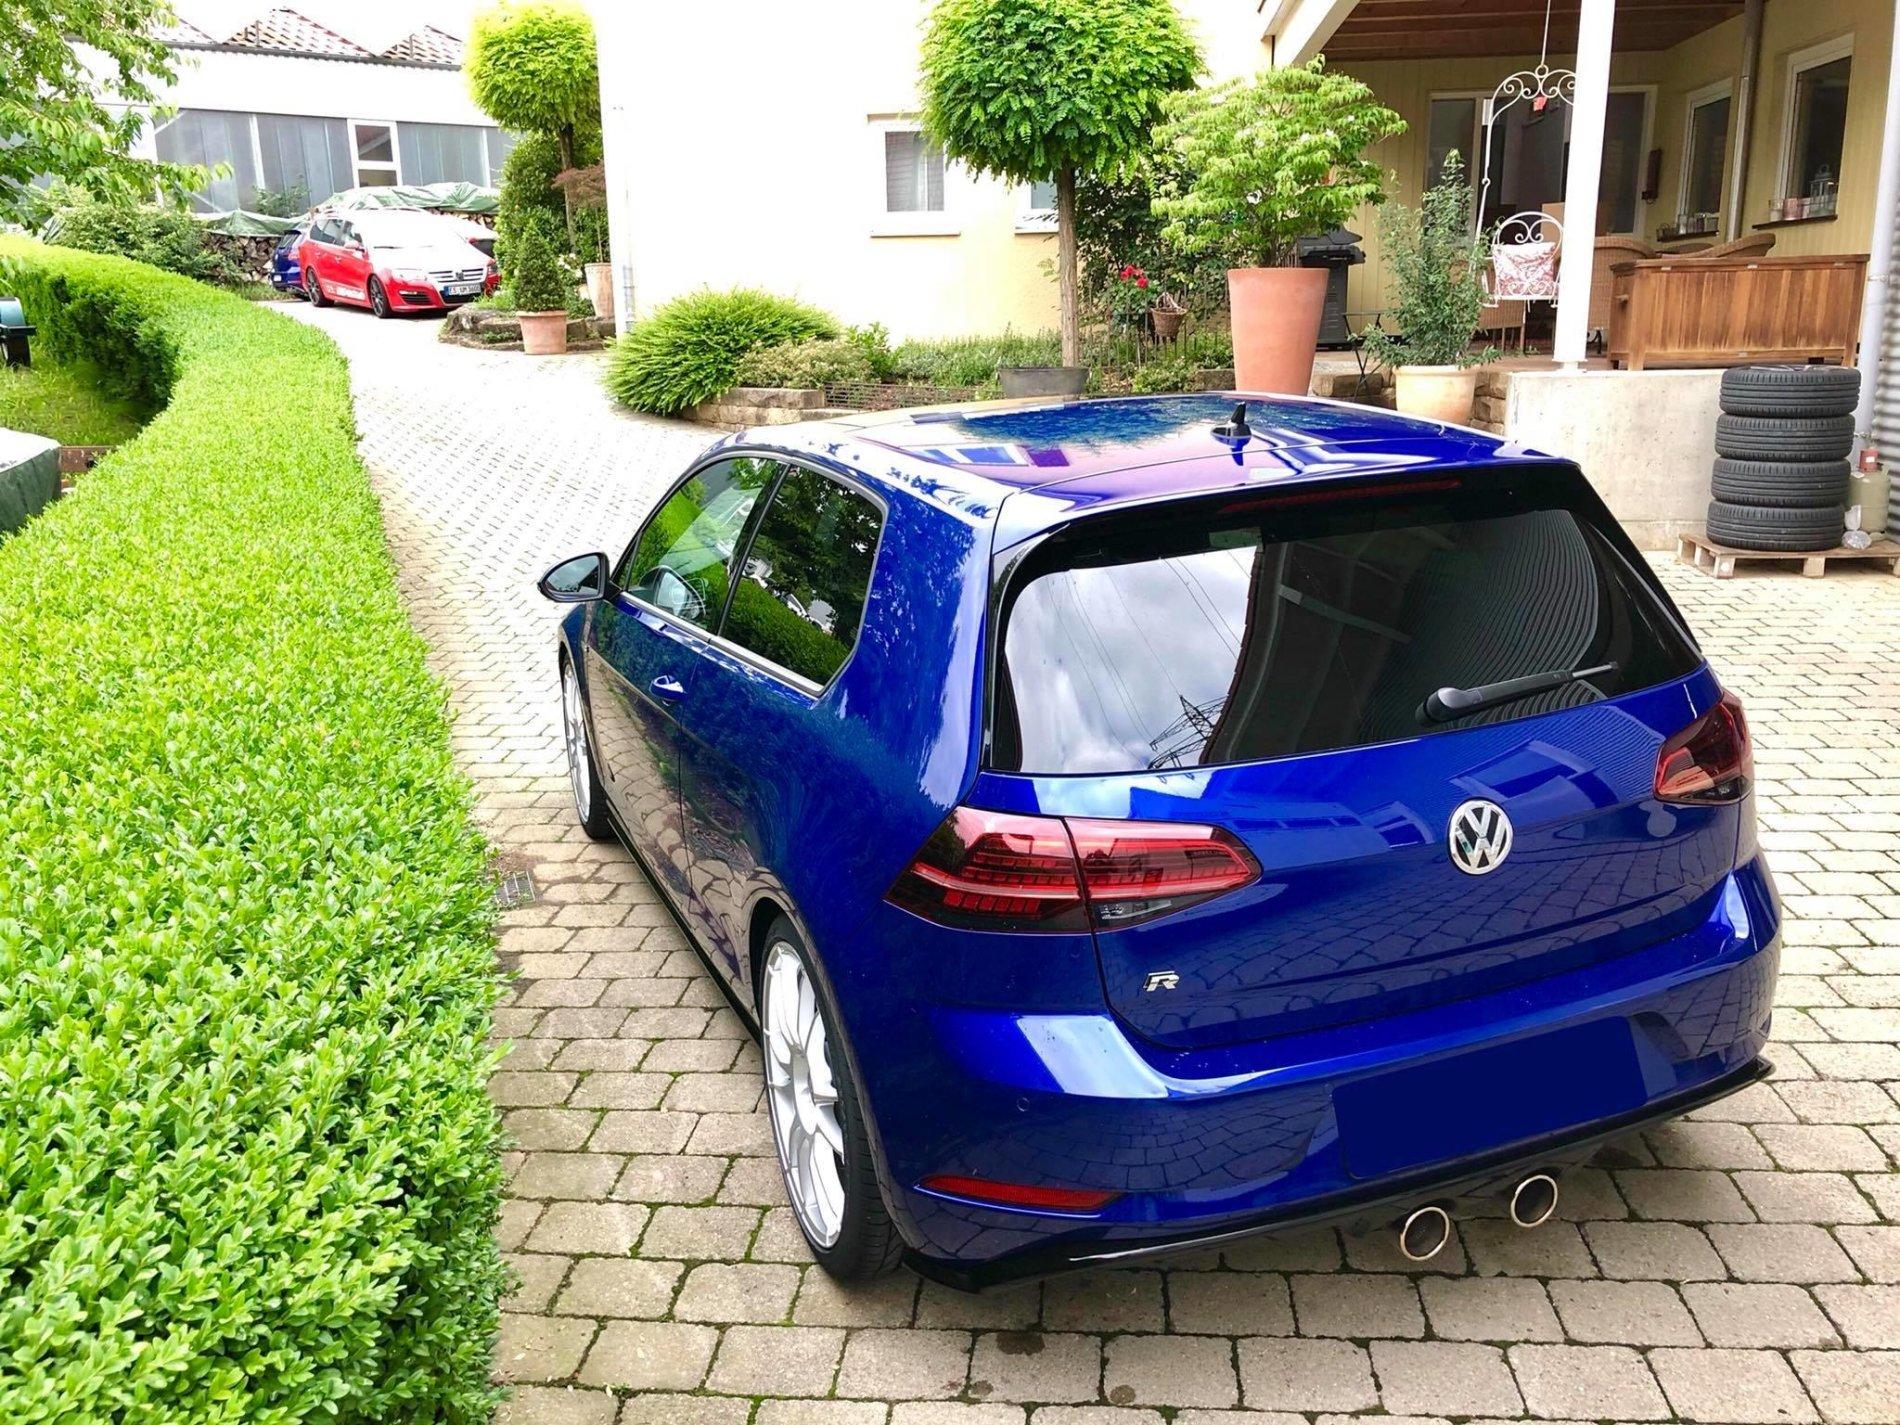 VW Golf R de 740 CP - VW Golf R de 740 CP